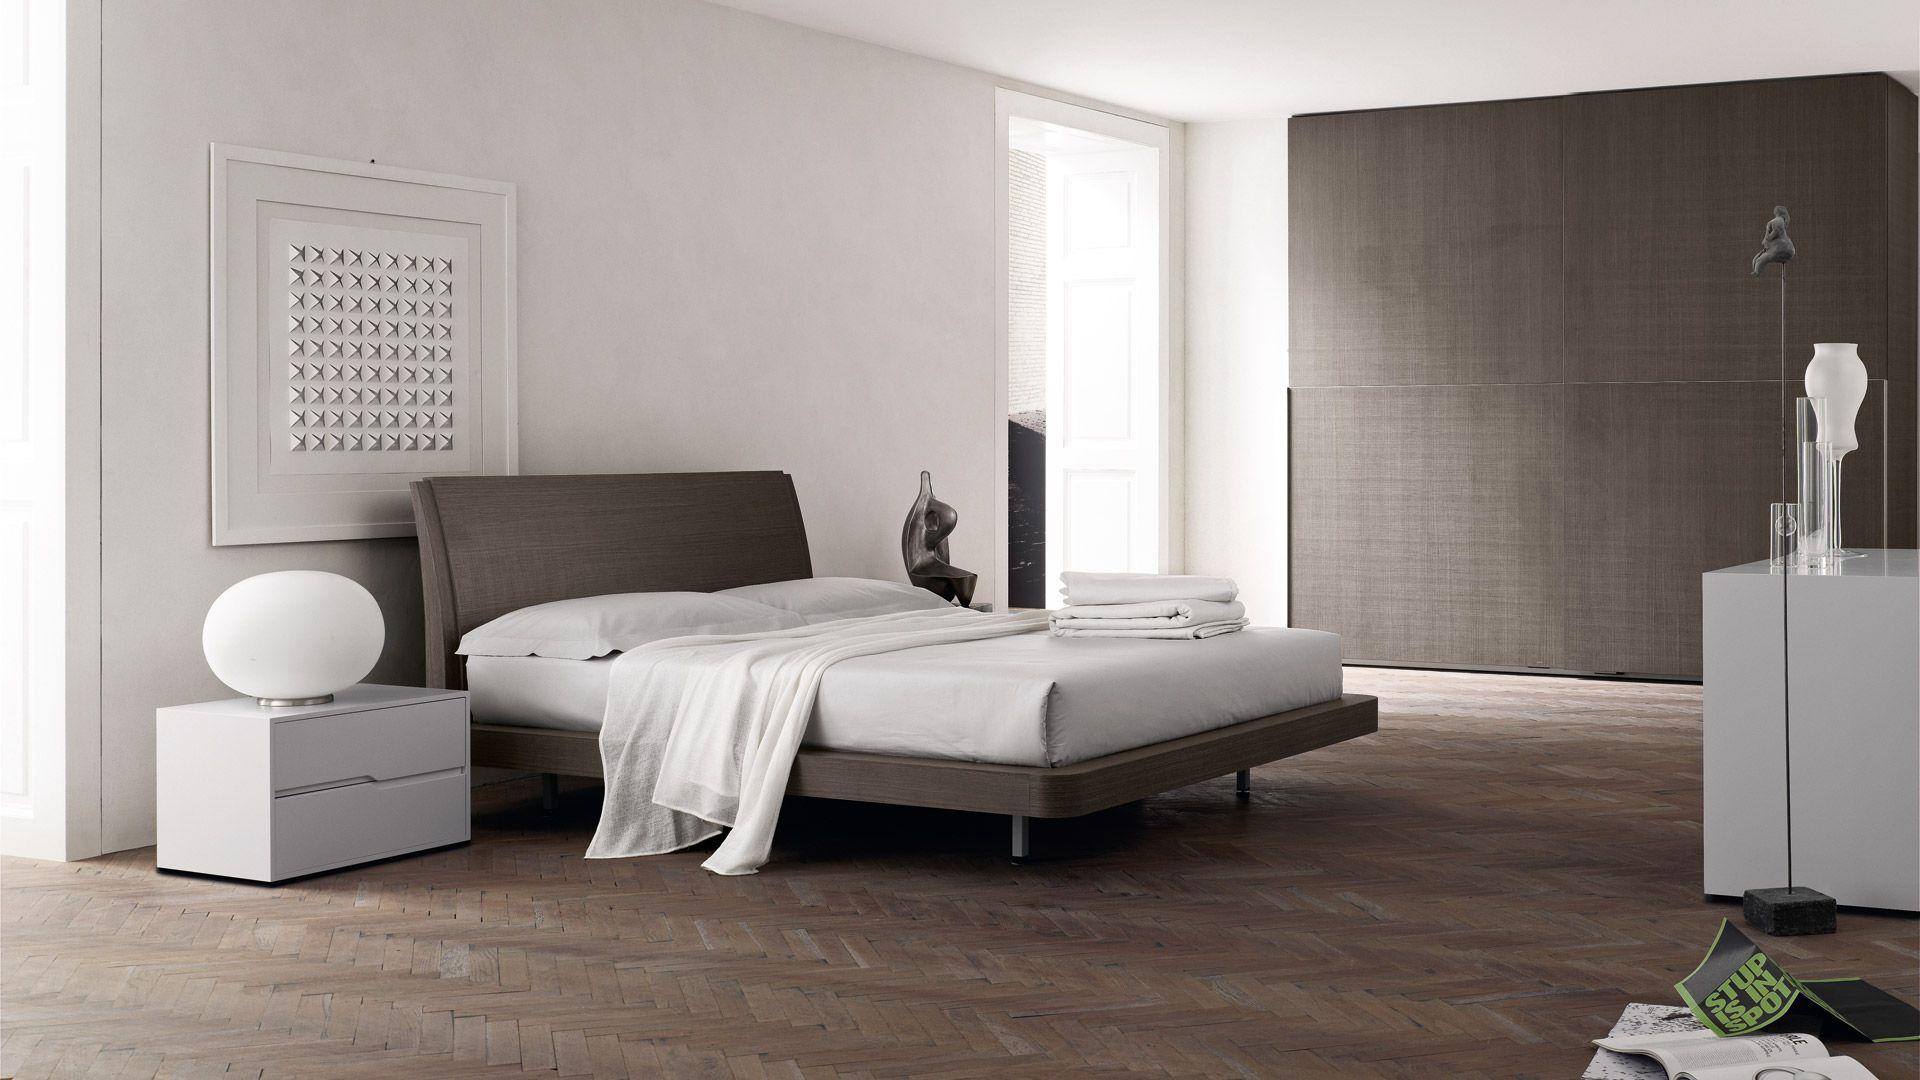 Santa lucia tod camera da letto pinterest santa lucia santa e design - Camera da letto santa lucia ...